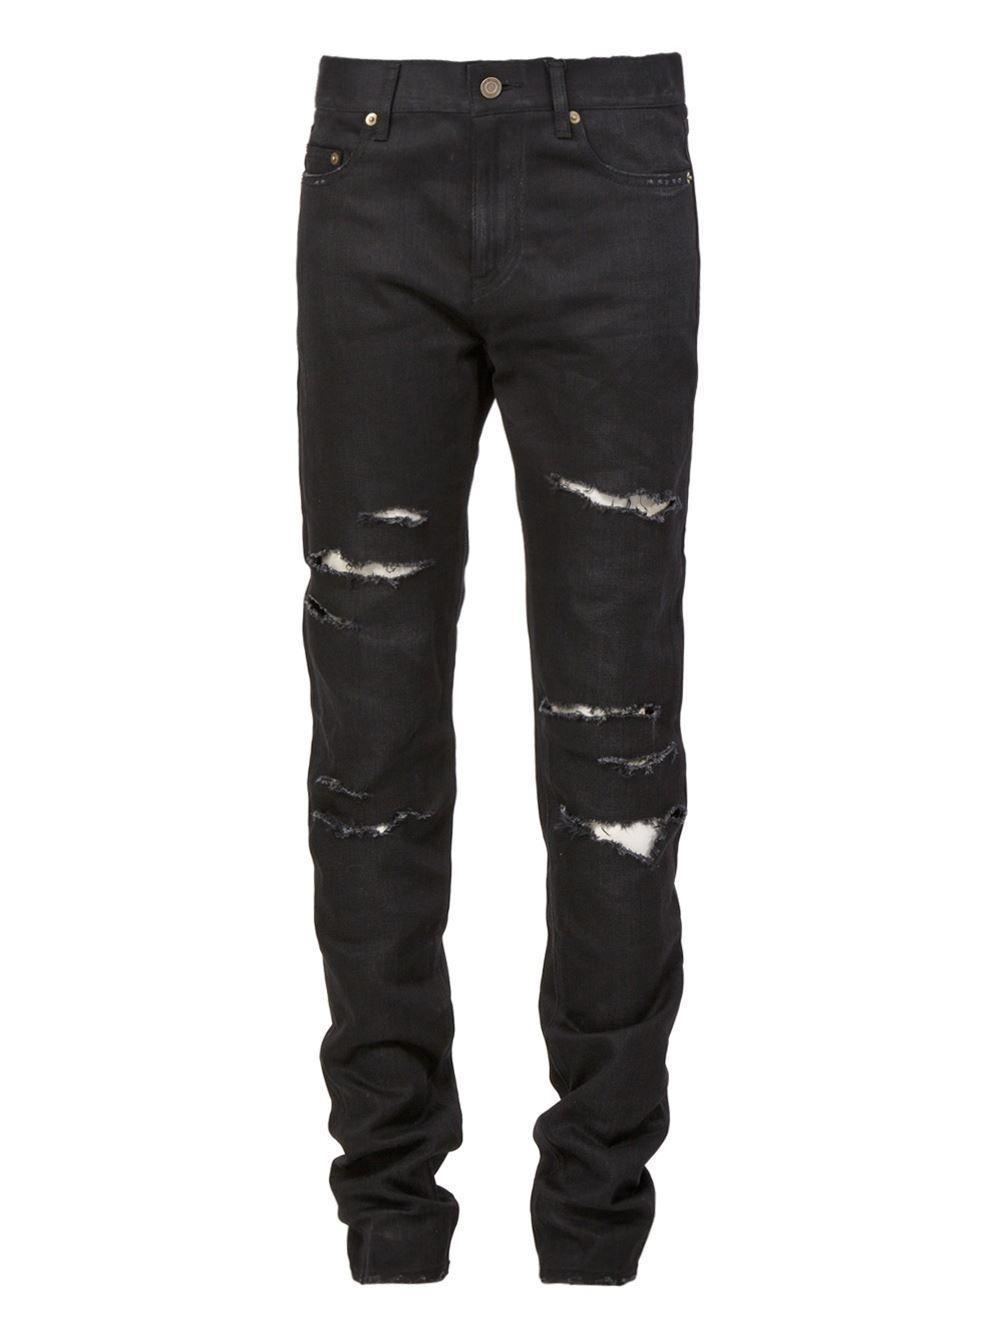 new concept 40ab3 39e4a Saint Laurent torn jeans Compras, Pantalones, Vaqueros Negros Hombre,  Pantalones Rasgados De Hombre